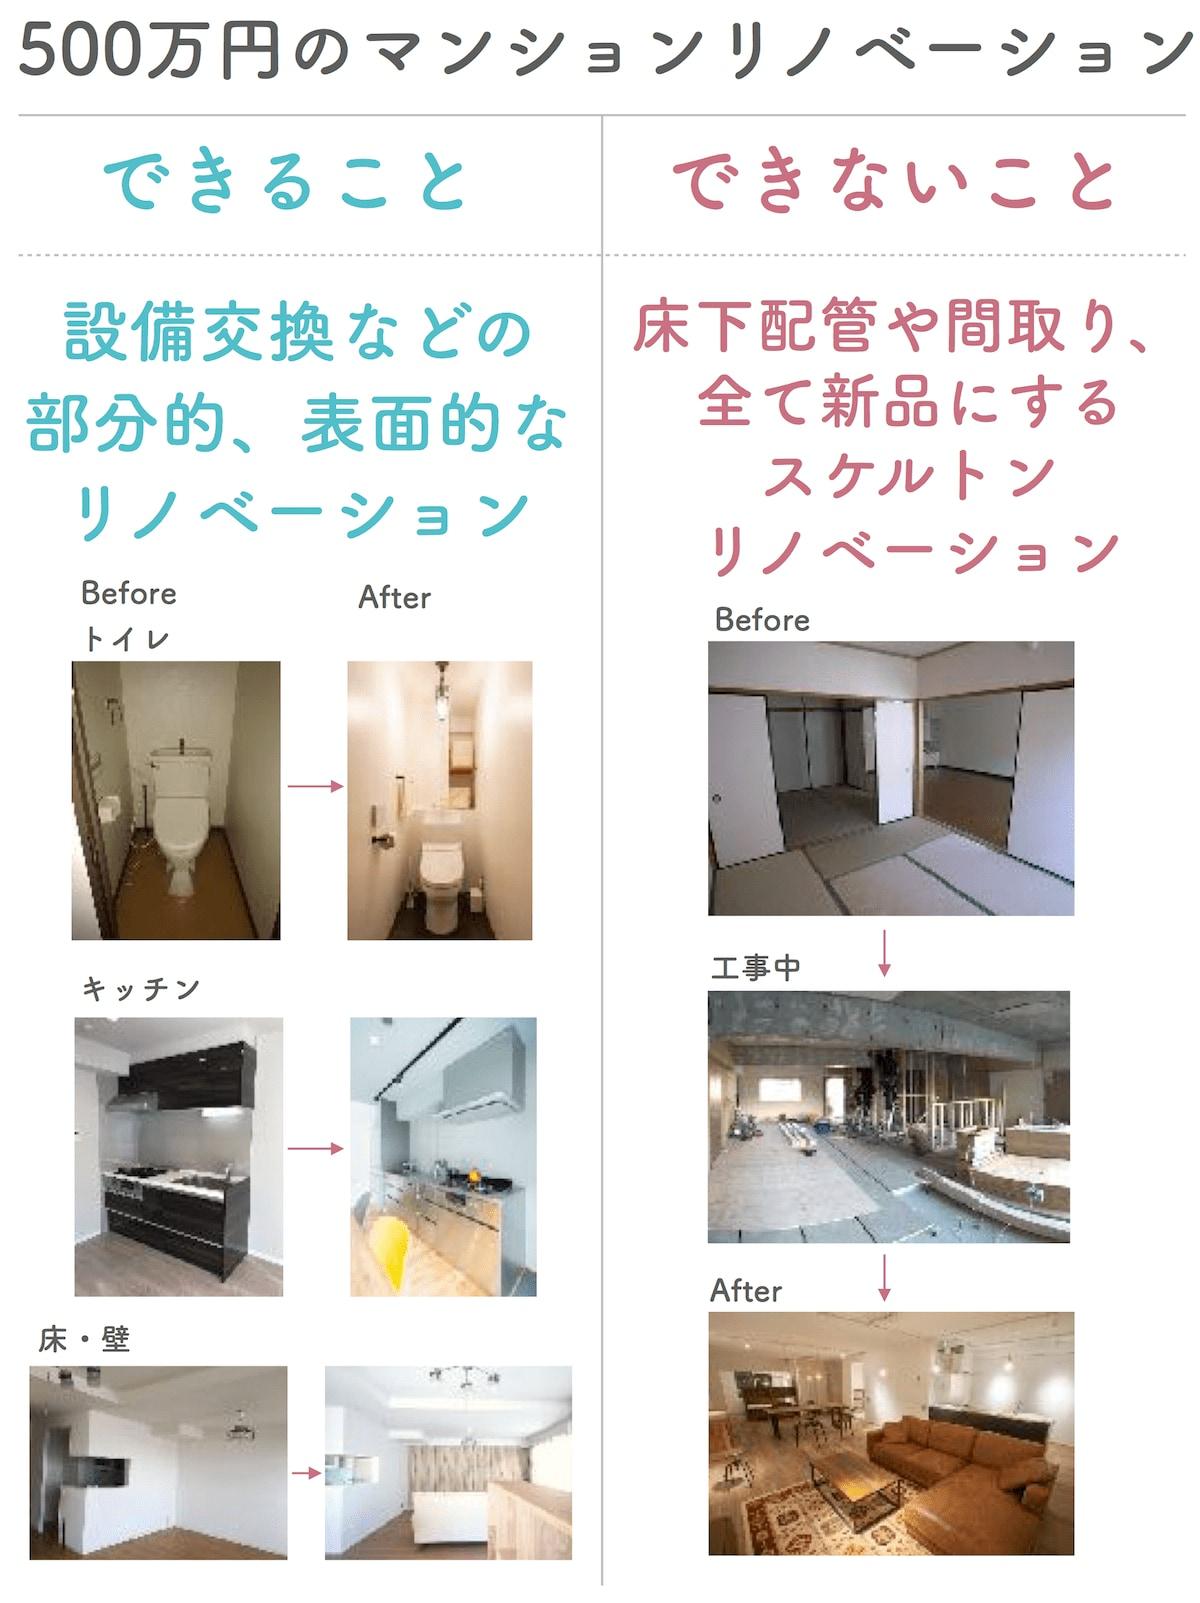 マンションリノベーション500万円